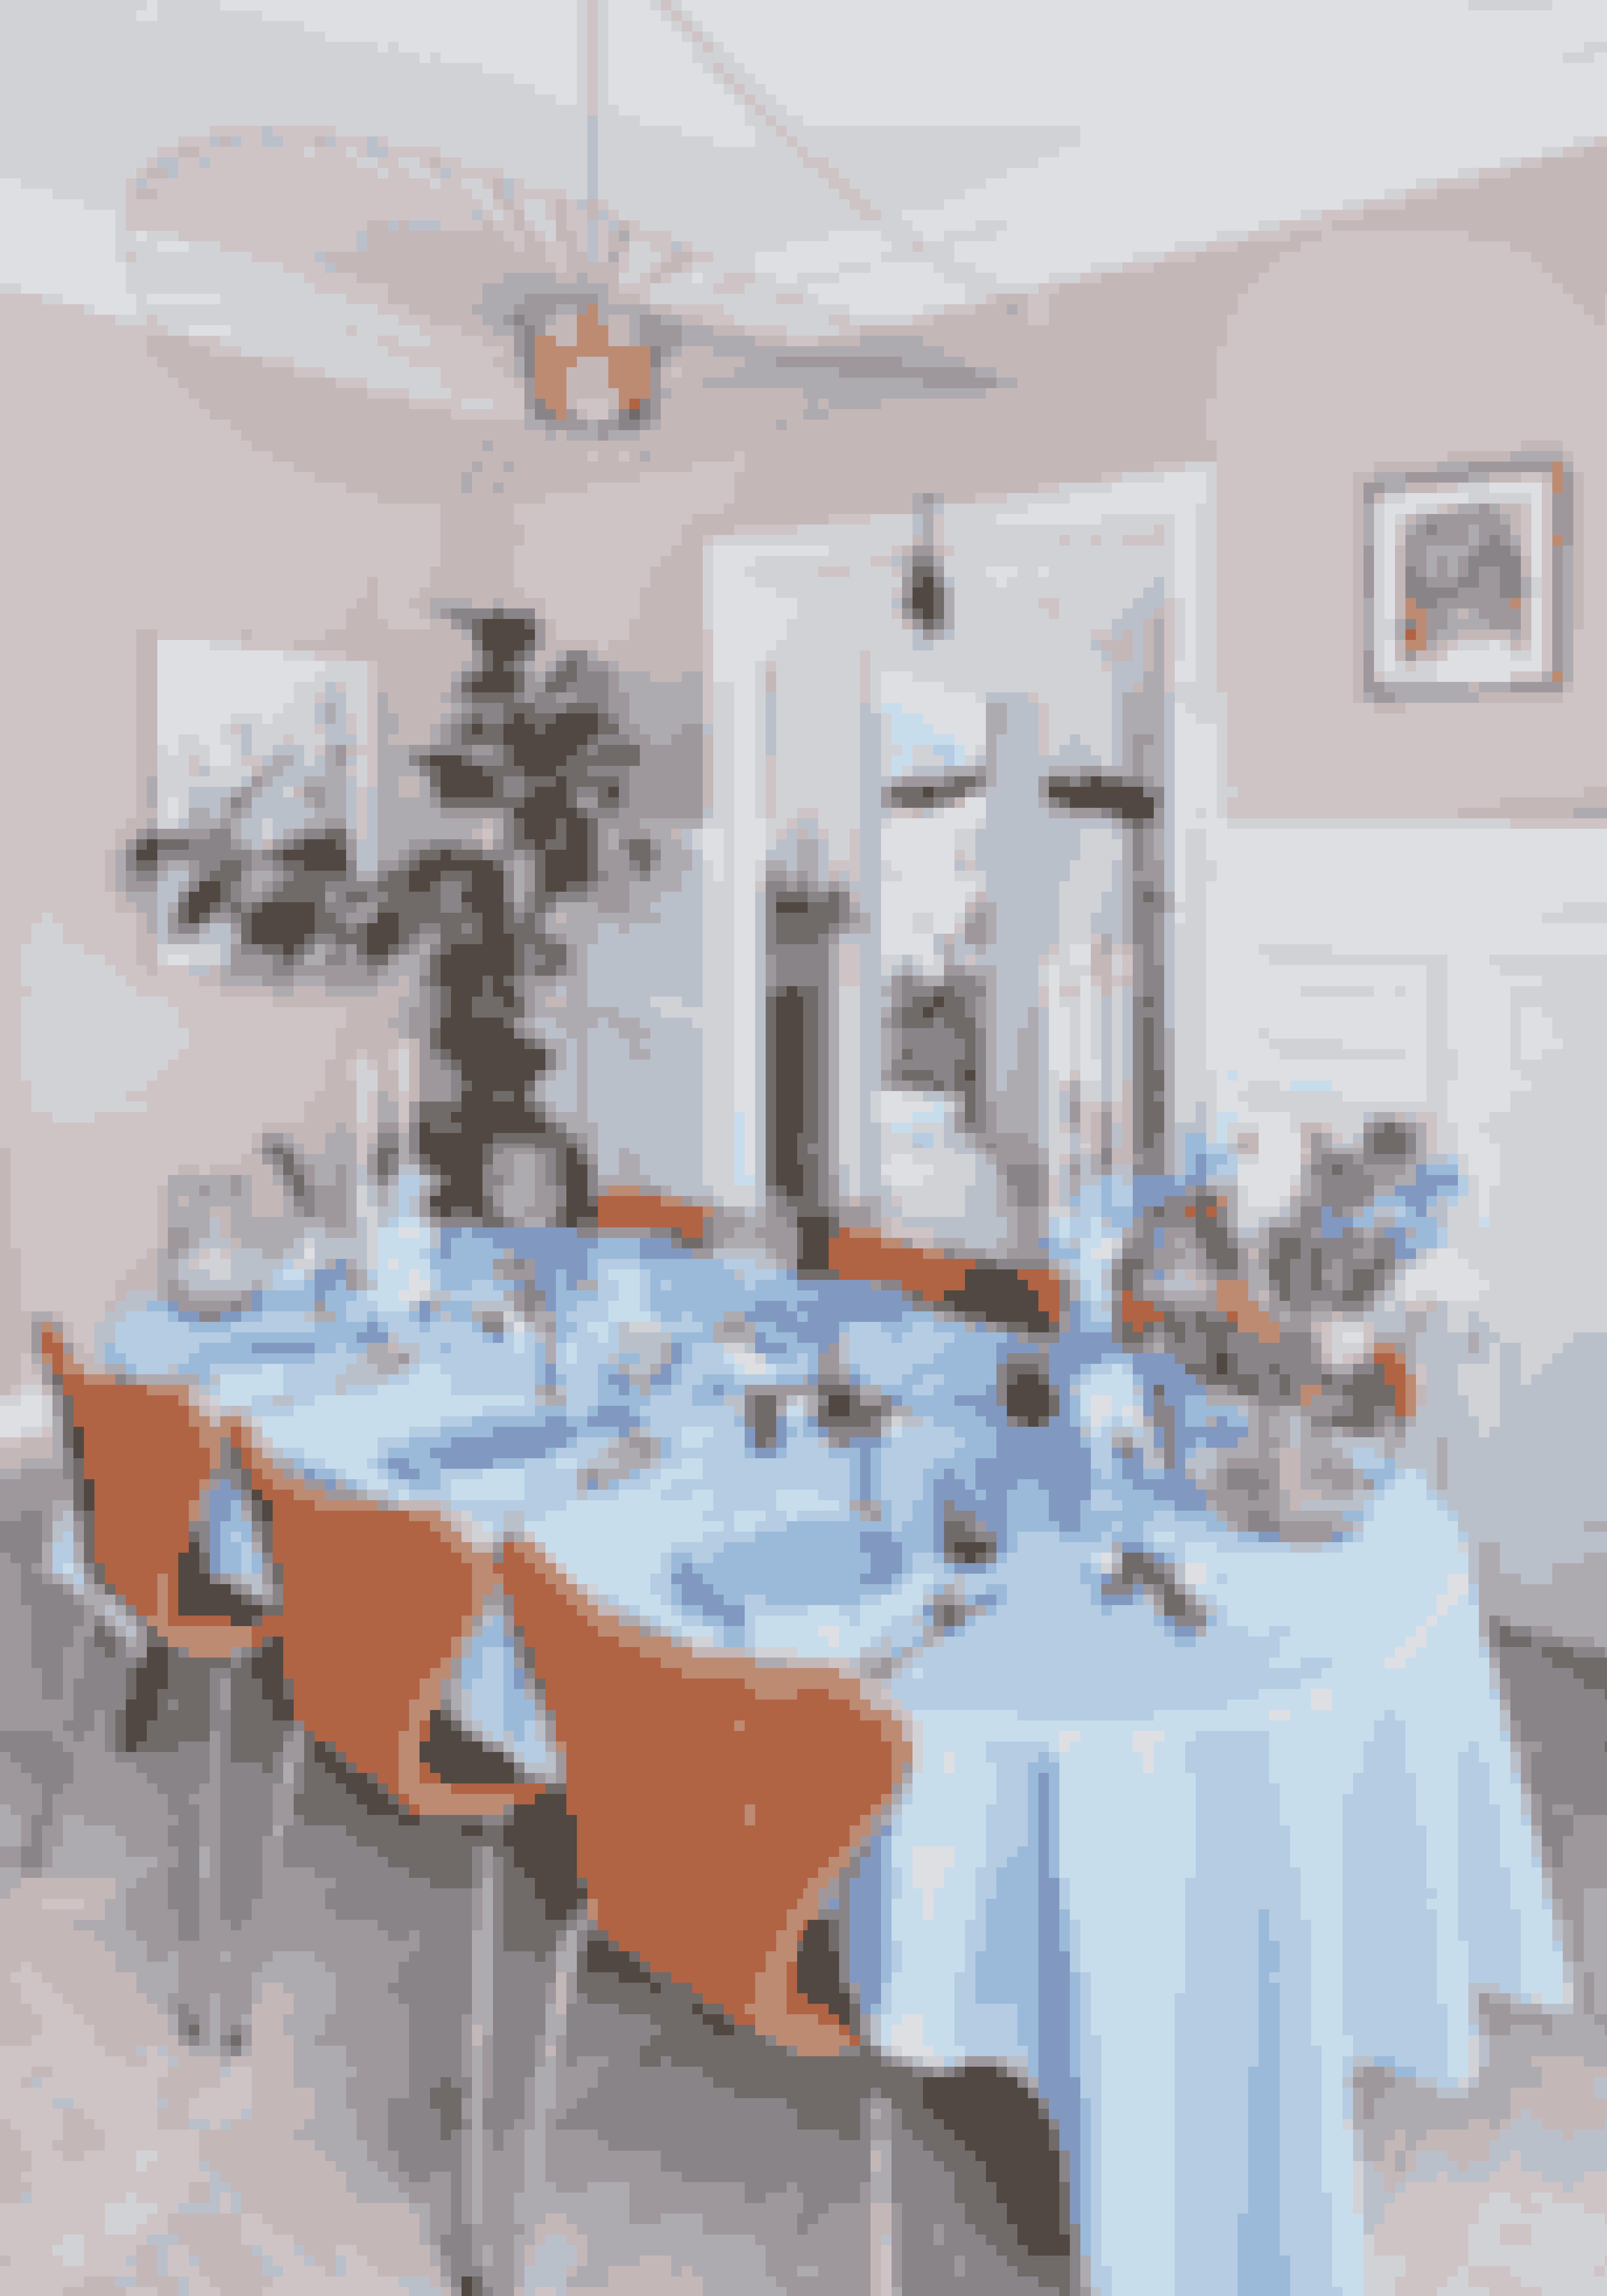 Gammelt service bliver vakt til live, når det bliver sat sammen med farvede glas og en moderne buket blomster. Tallerkenerne er fra Anne Black, vintageglas er fra Antique Brocante Vintage, lysestagerne er fra Fritz Hansen, og den gamle glaskande er fundet hos Antique Brocante Vintage. Rytterstagen er antik fra Bjørn Wiinblad, vasen er fra Fritz Hansen, og dugen og servietterne er fra Georg Jensen Damask.